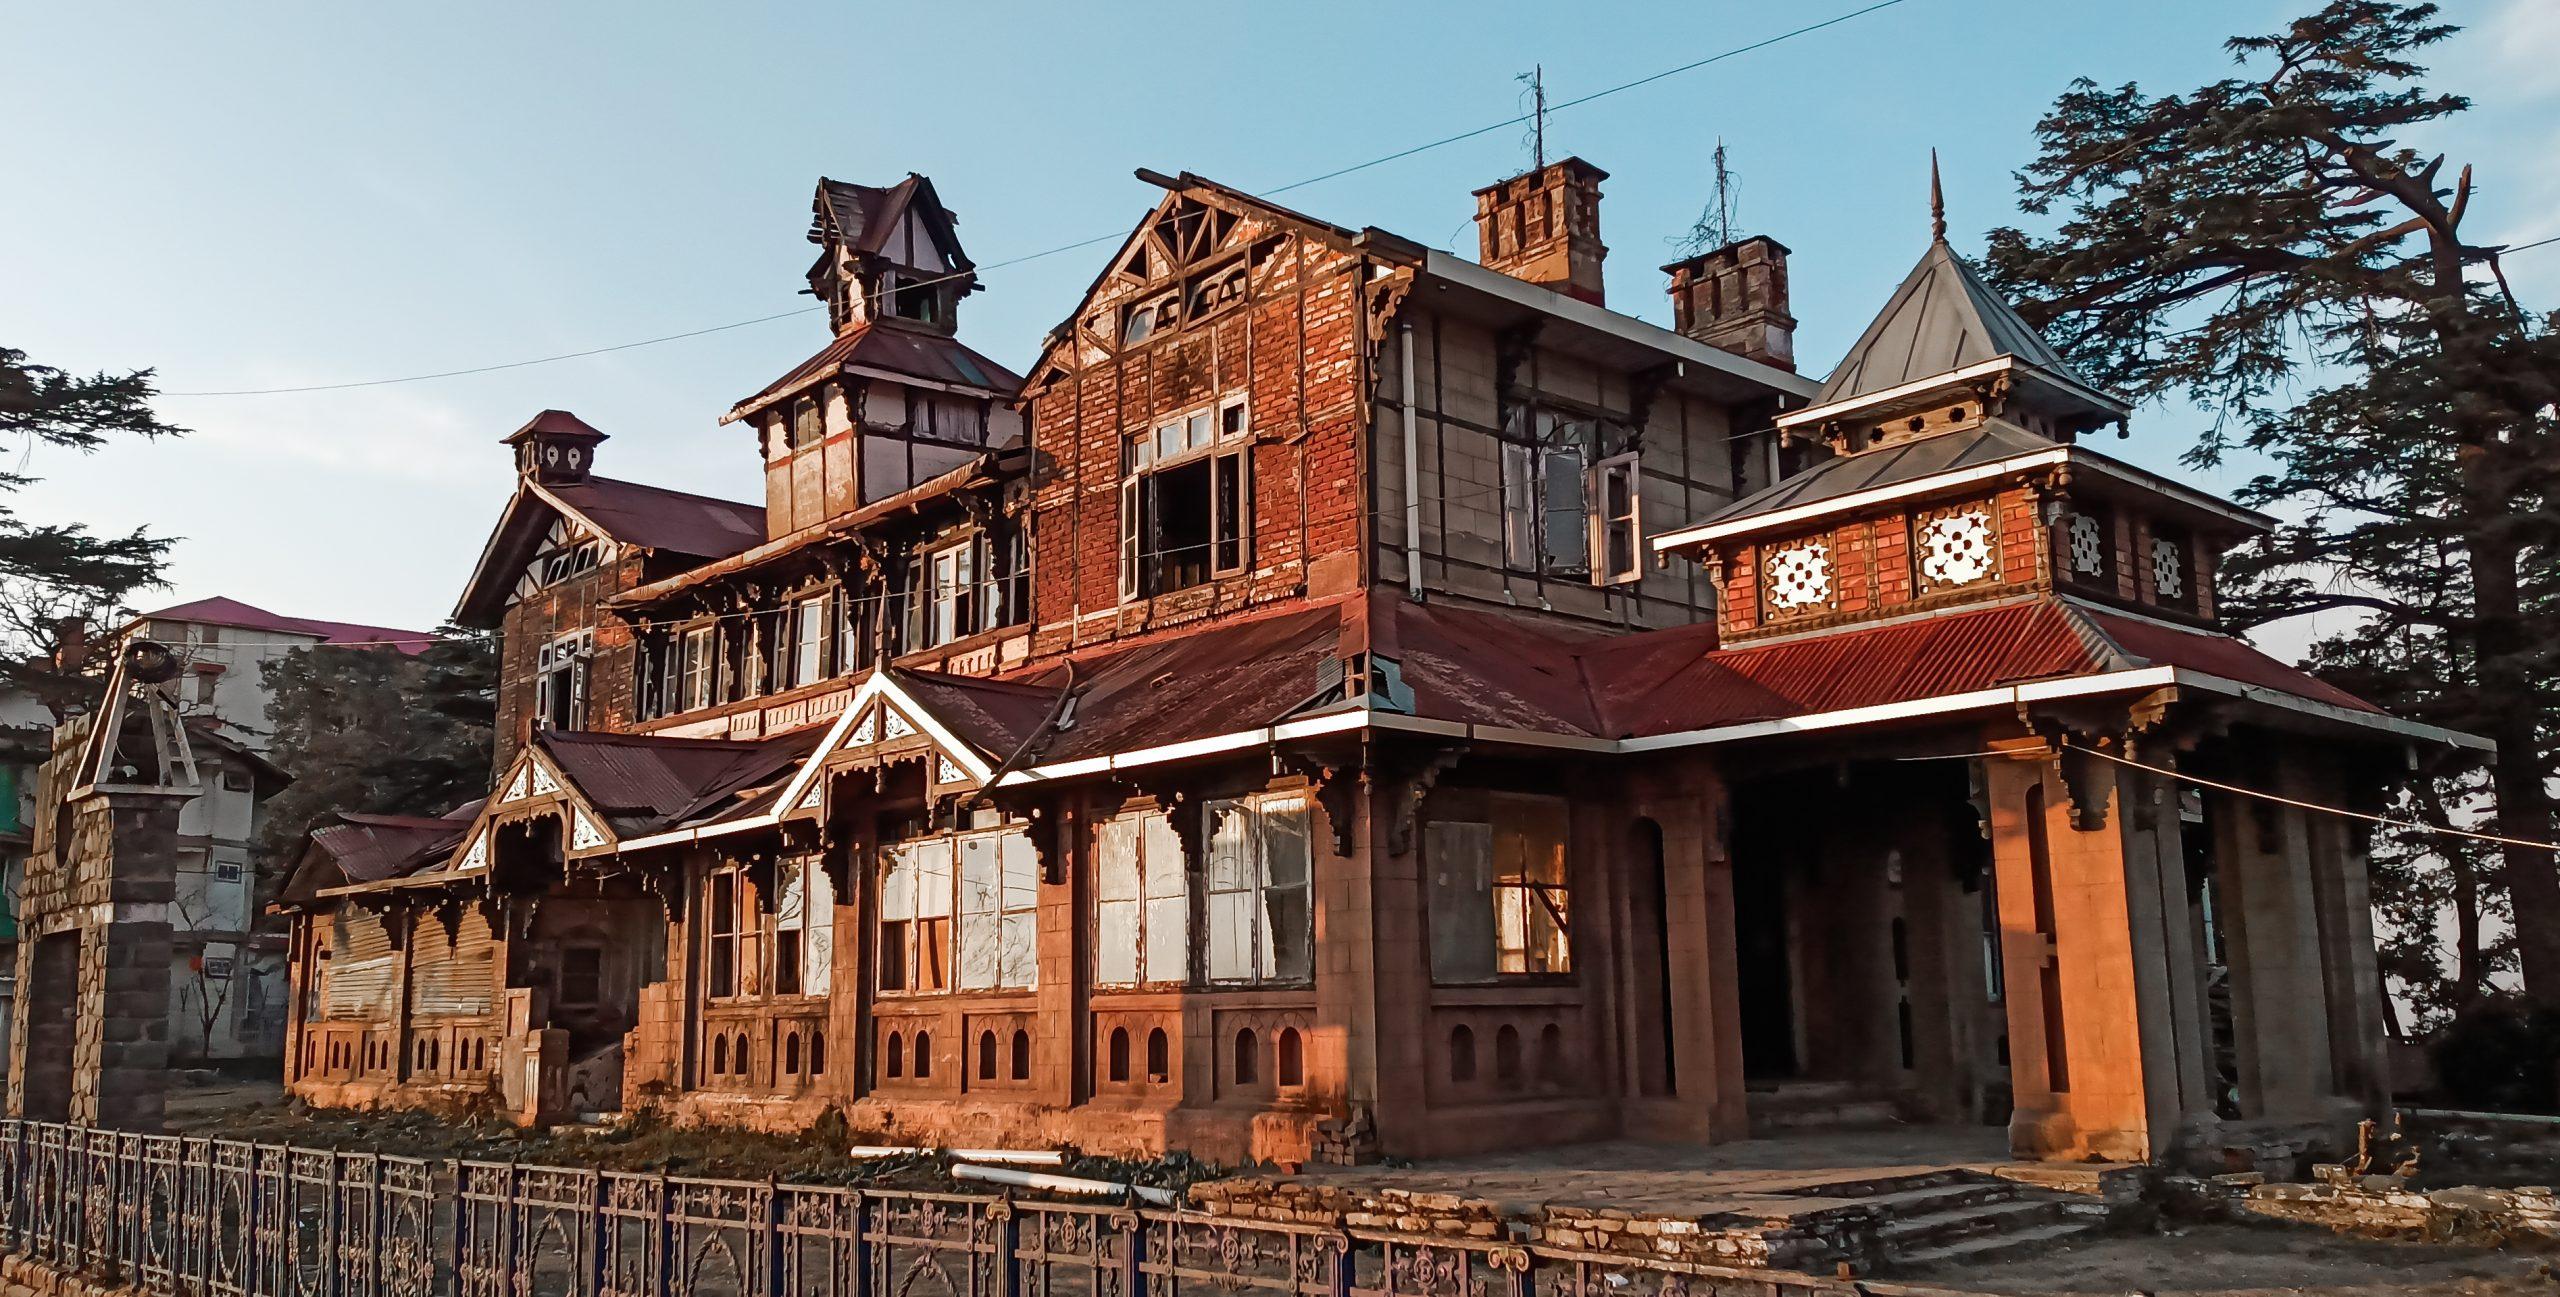 Old vintage house